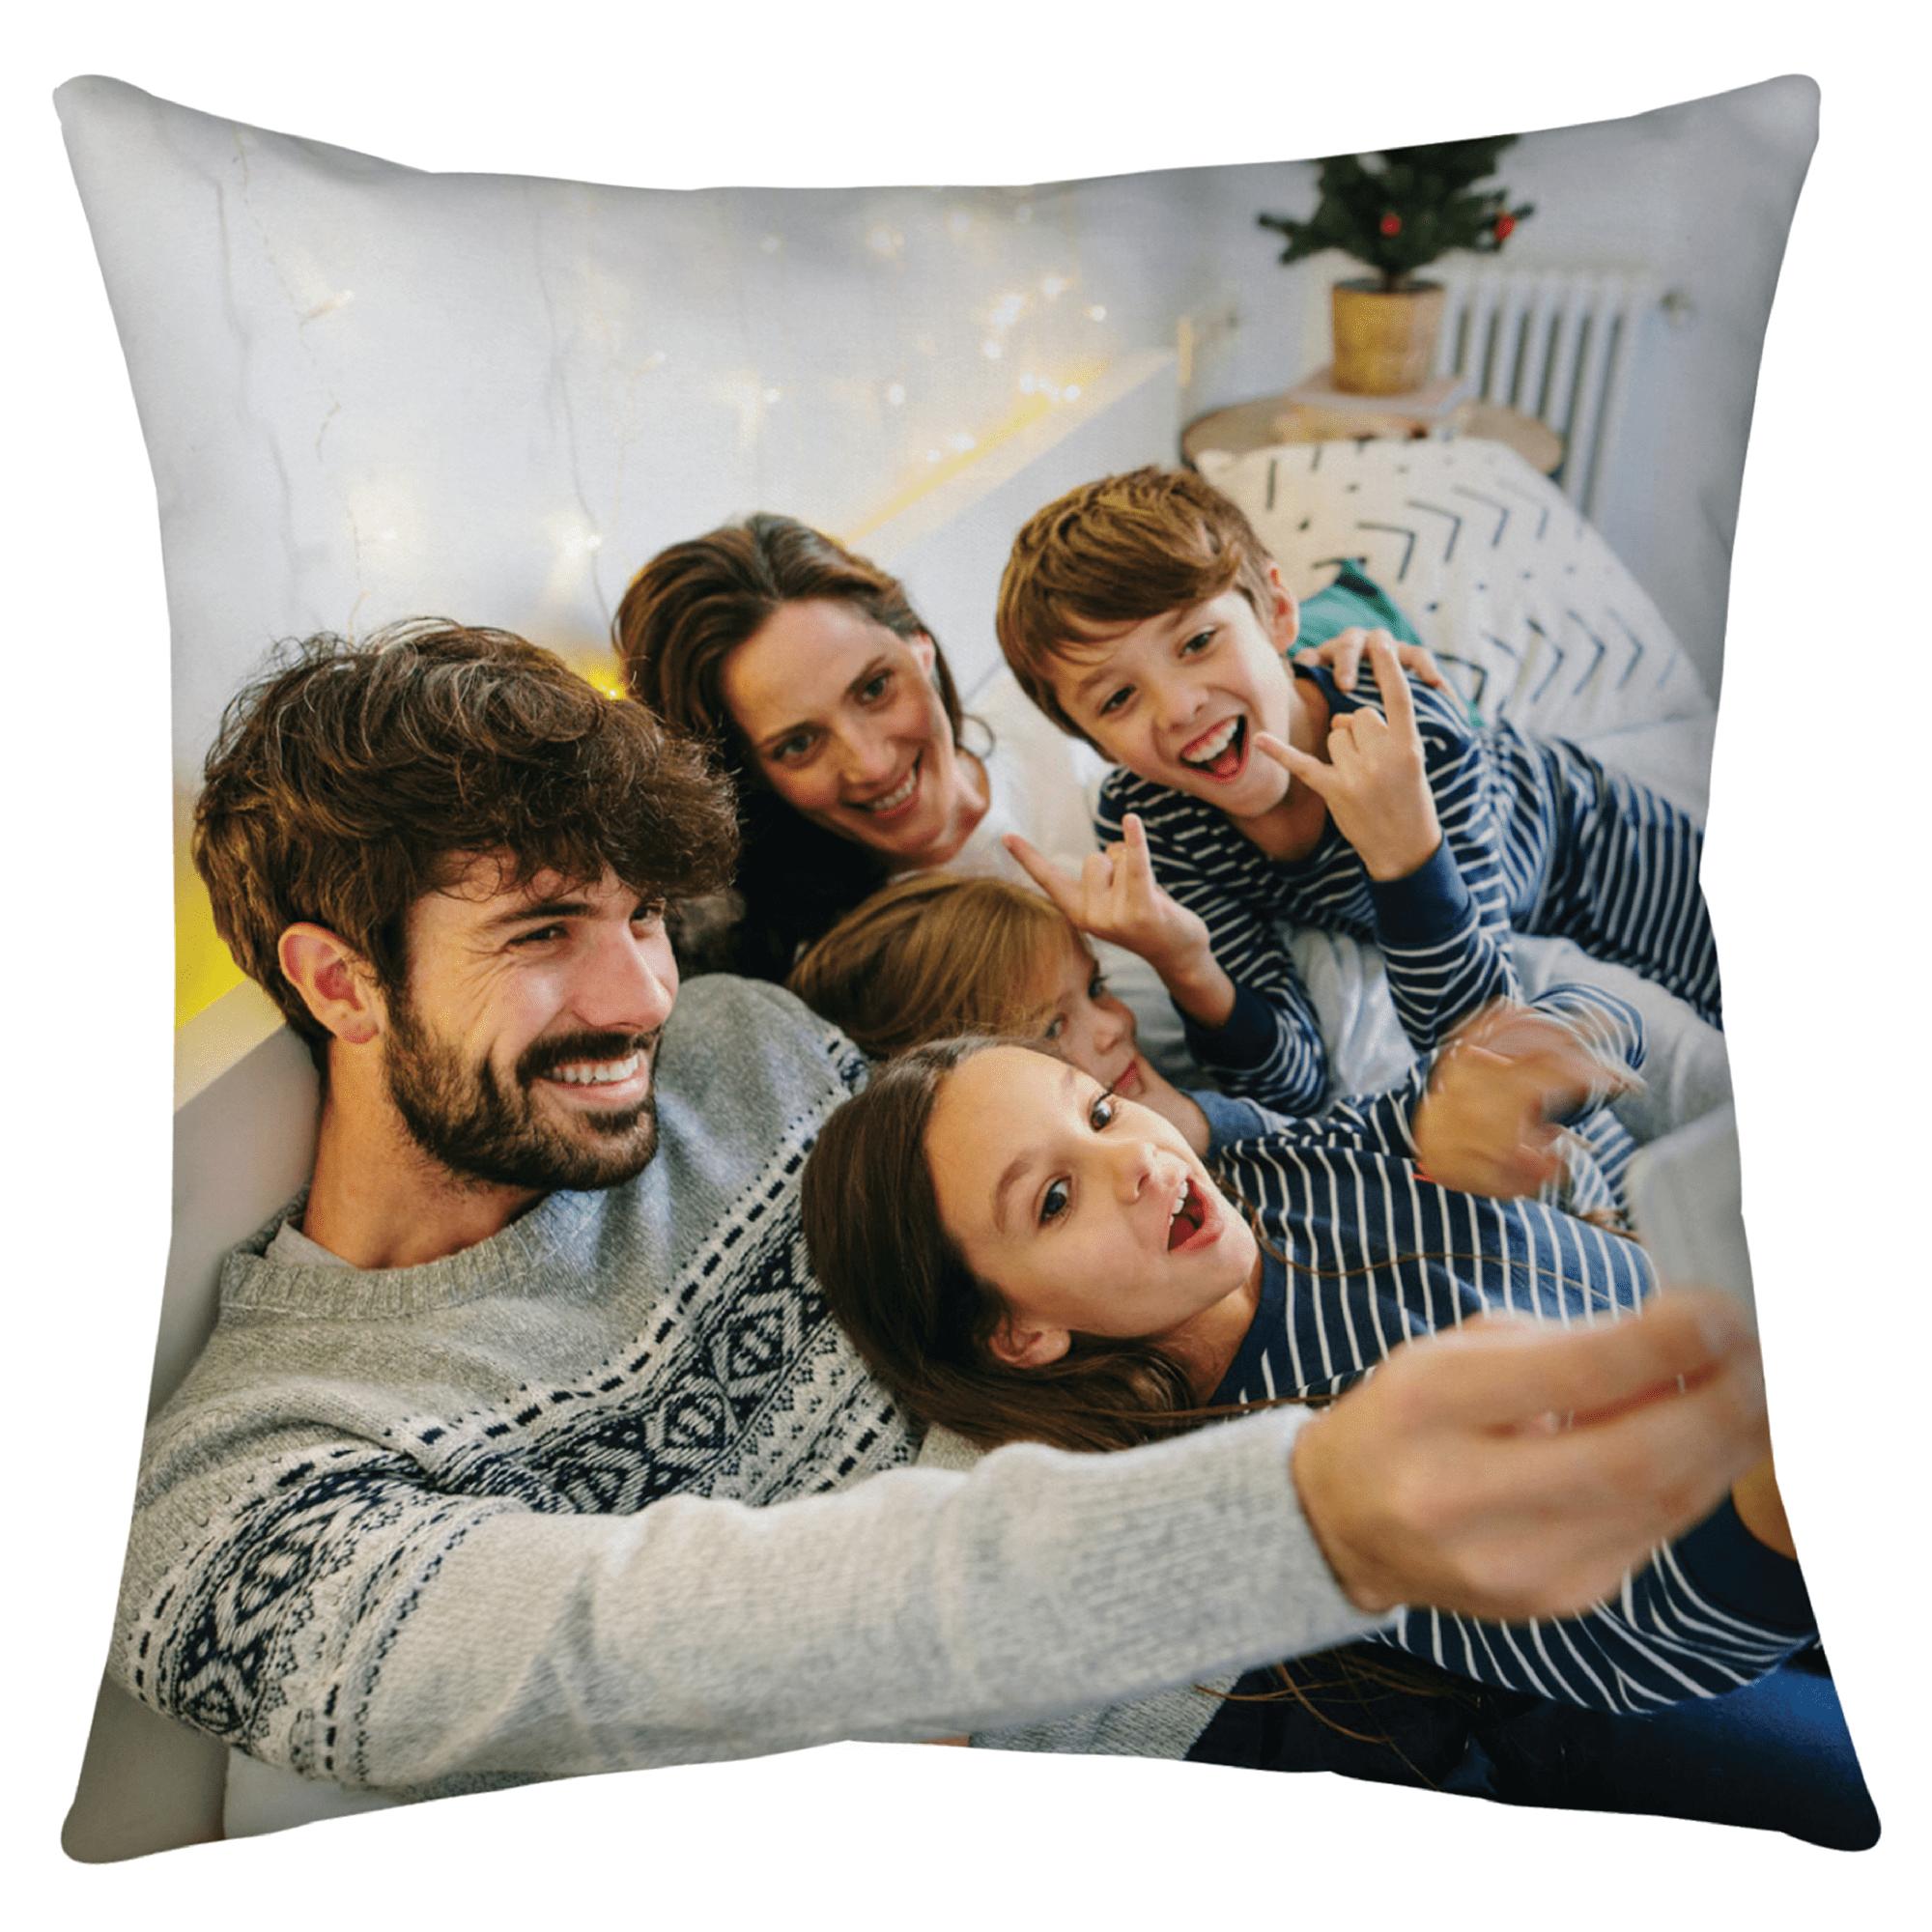 16x16 Photo Throw Pillow with Hidden Zipper